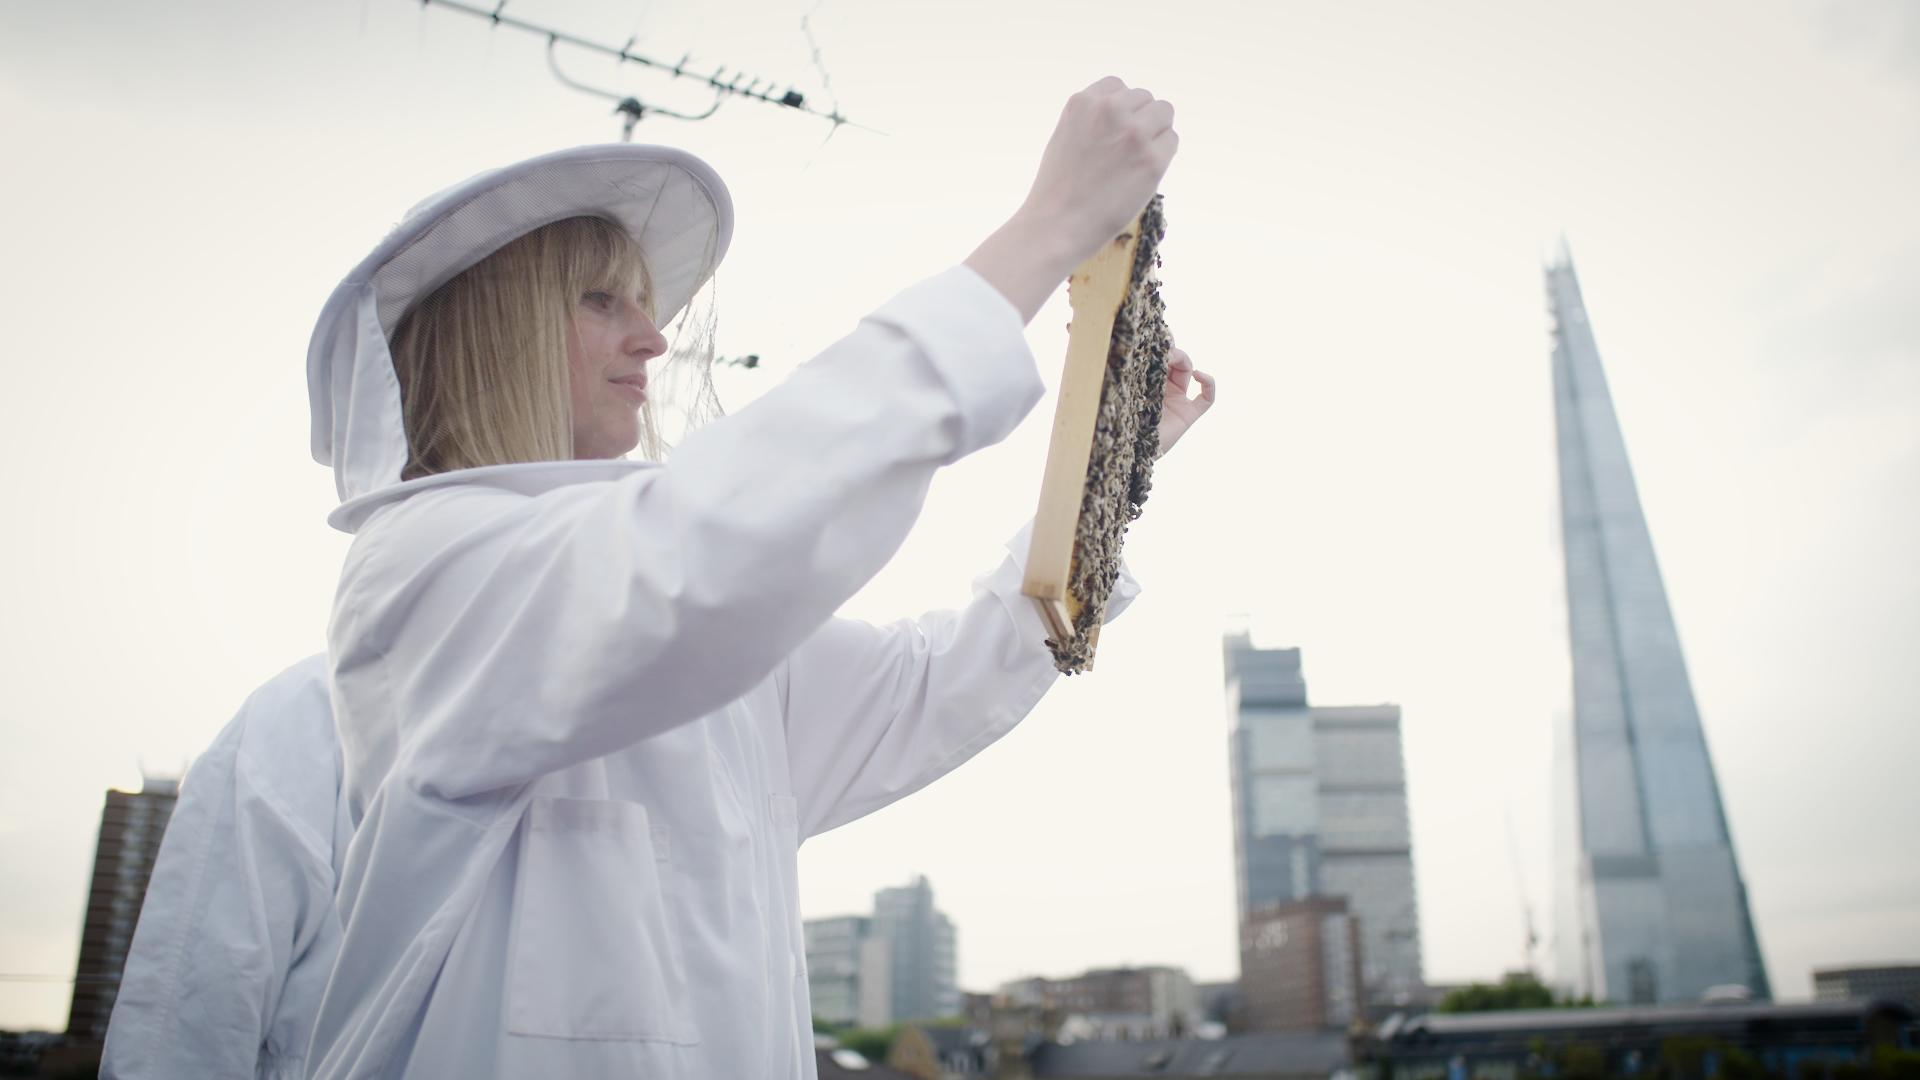 hannah beekeeping